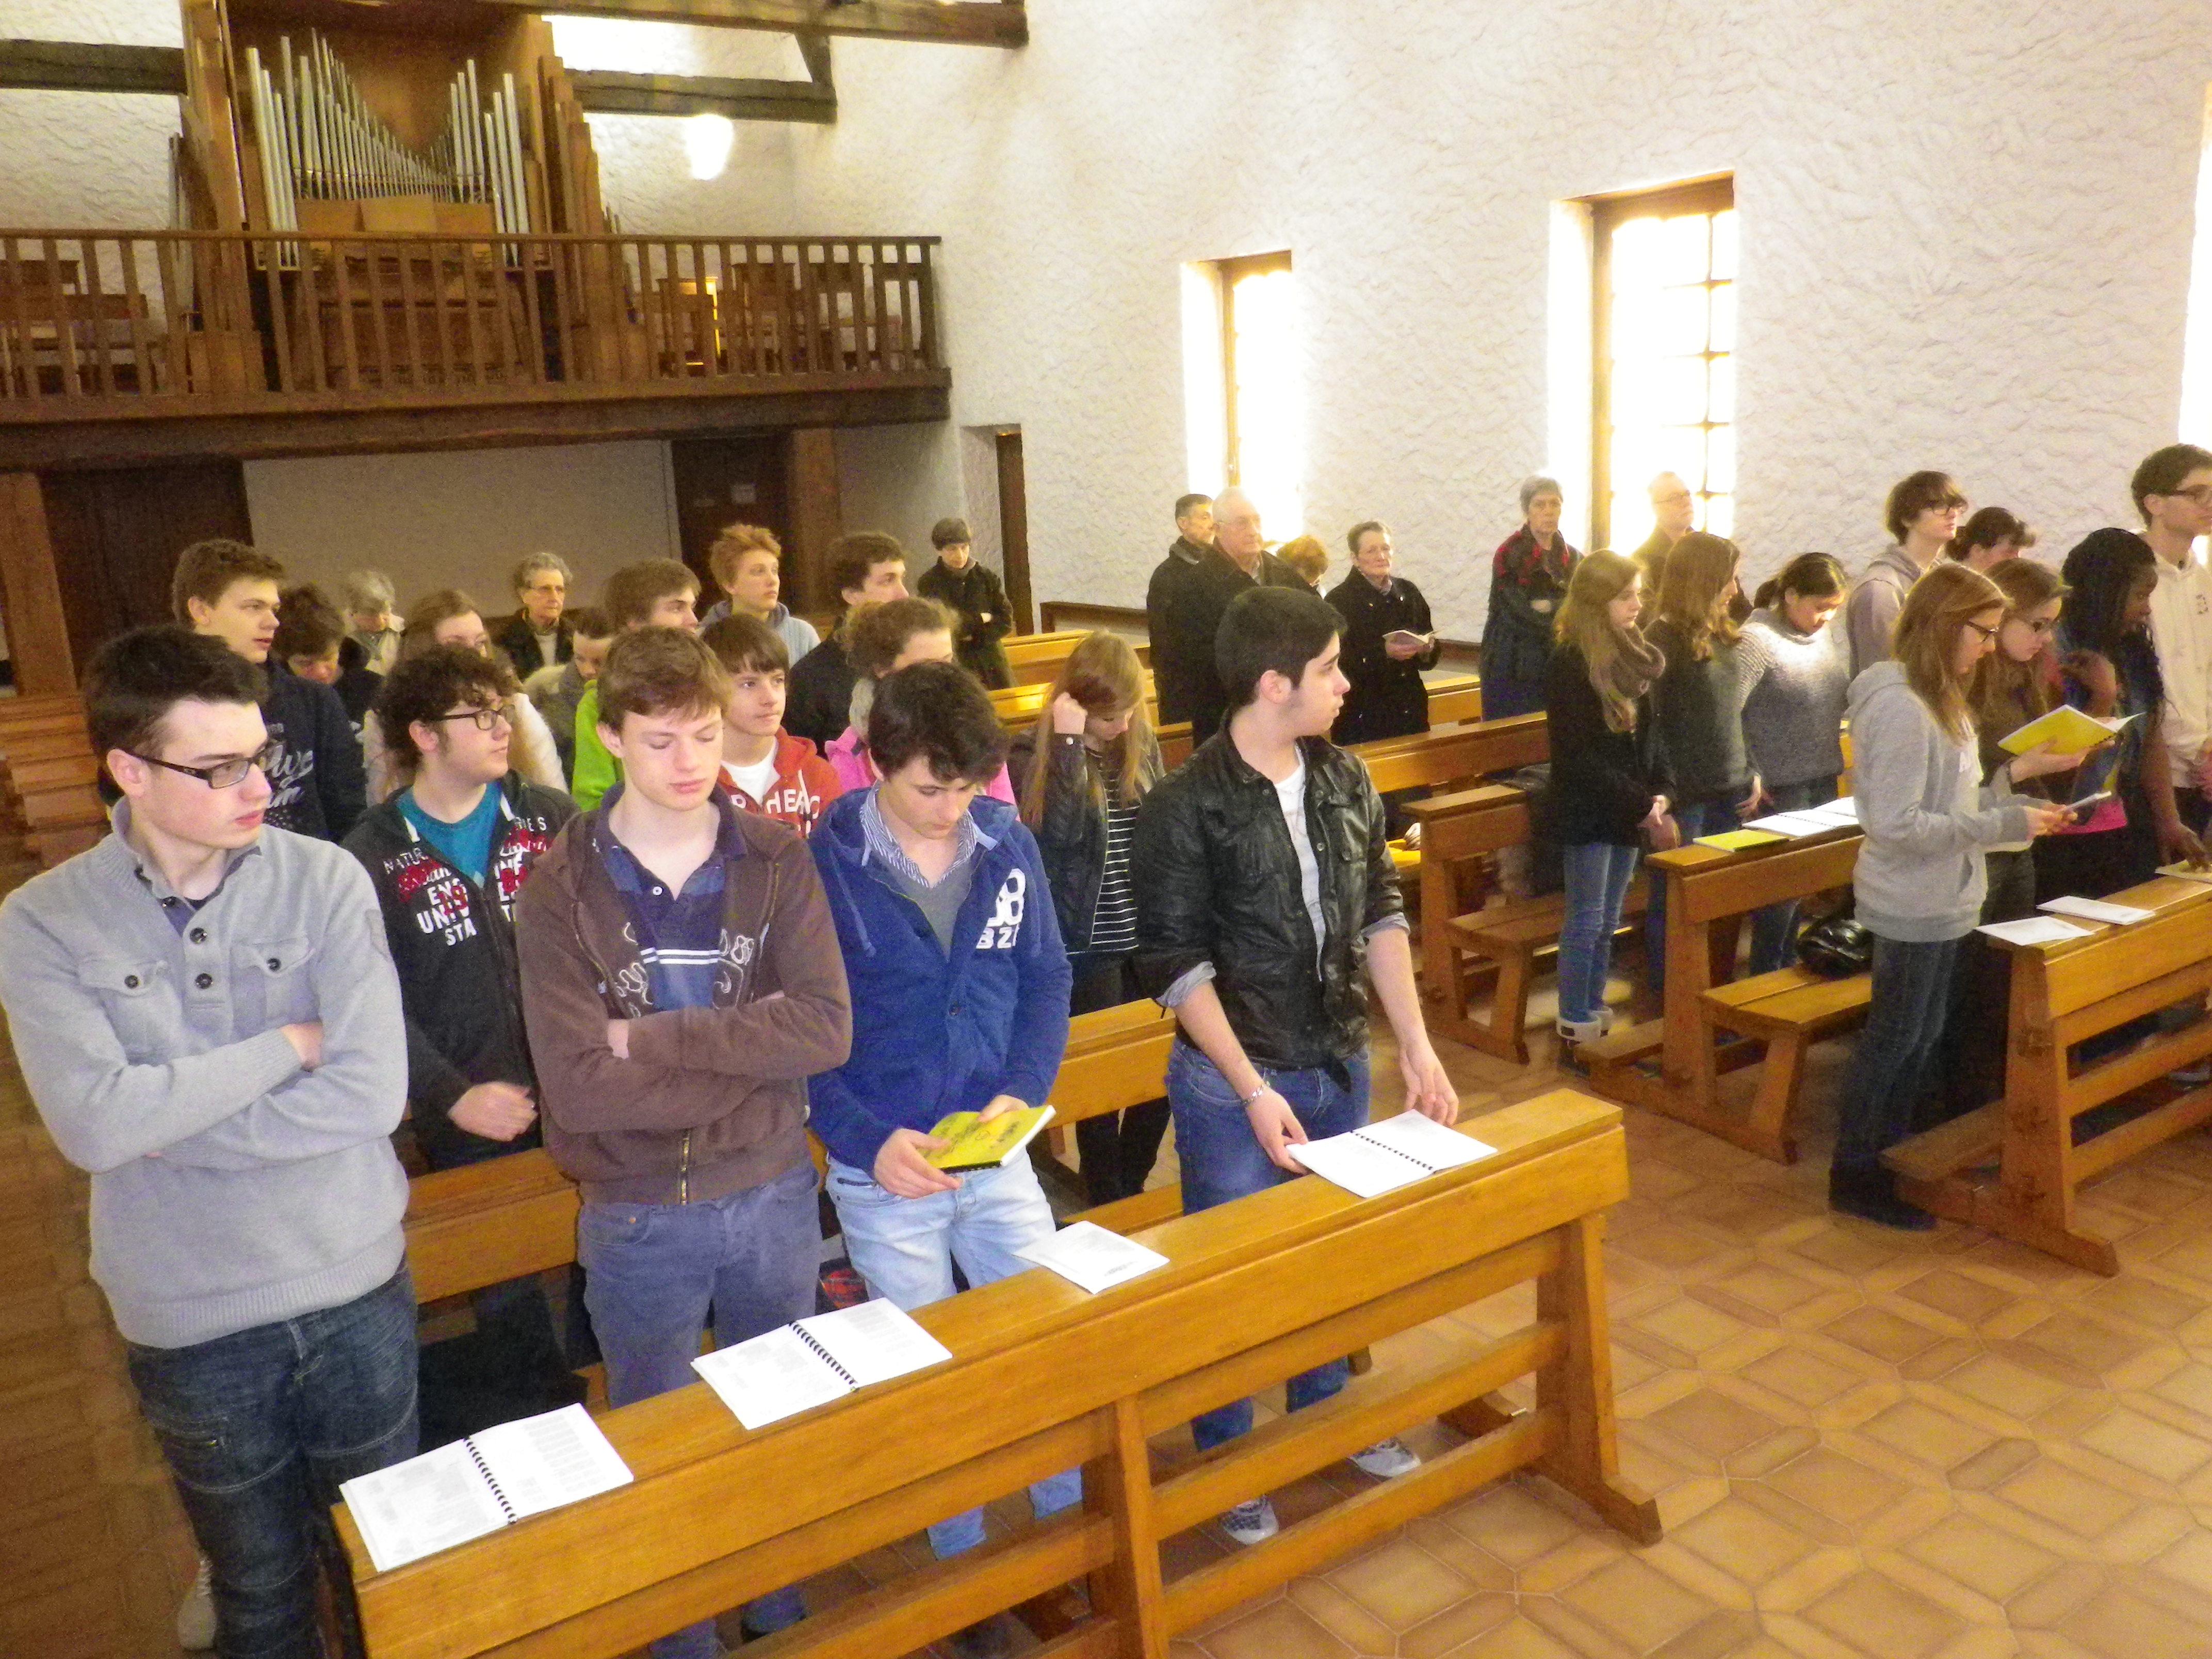 L'assemblée, composée des confirmands, des animateurs, des laïques de la communauté et de quelques paroissiens blangiaquois se lèvent pour écouter l'Evangile.